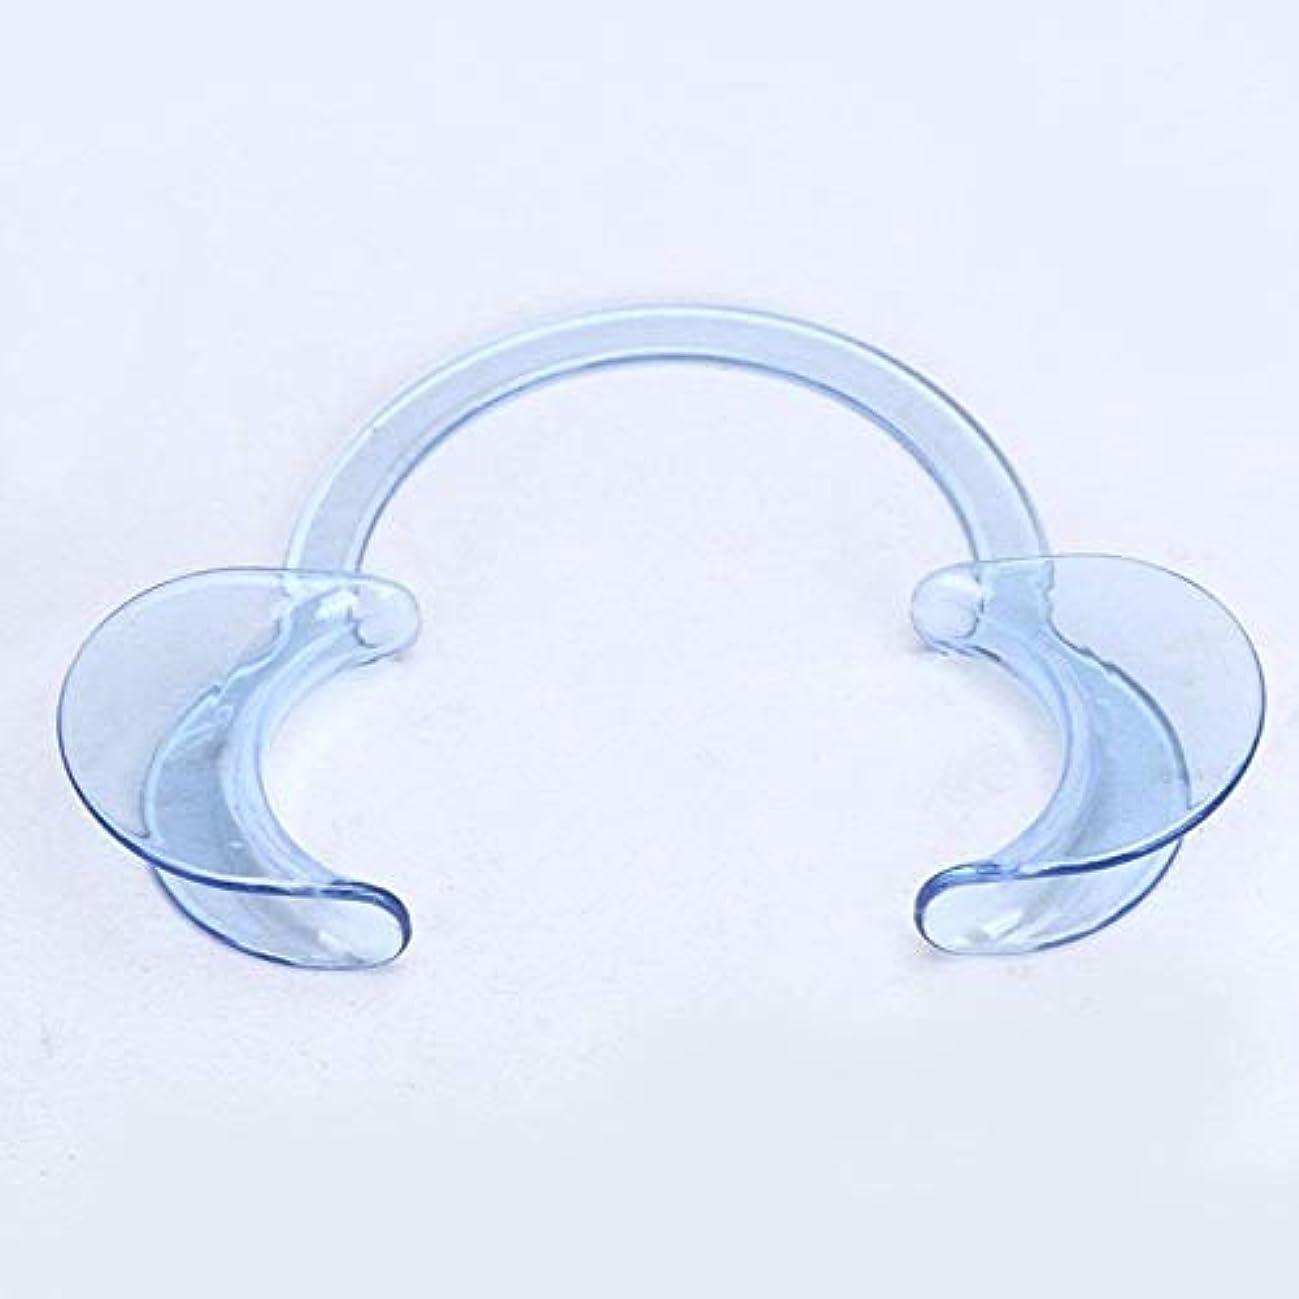 エスカレーター然とした娯楽DC パック 歯科 C型 開口器 口オープナー マウスオープナー 開口マウスオープナー C型ホワイトニング口の開創器